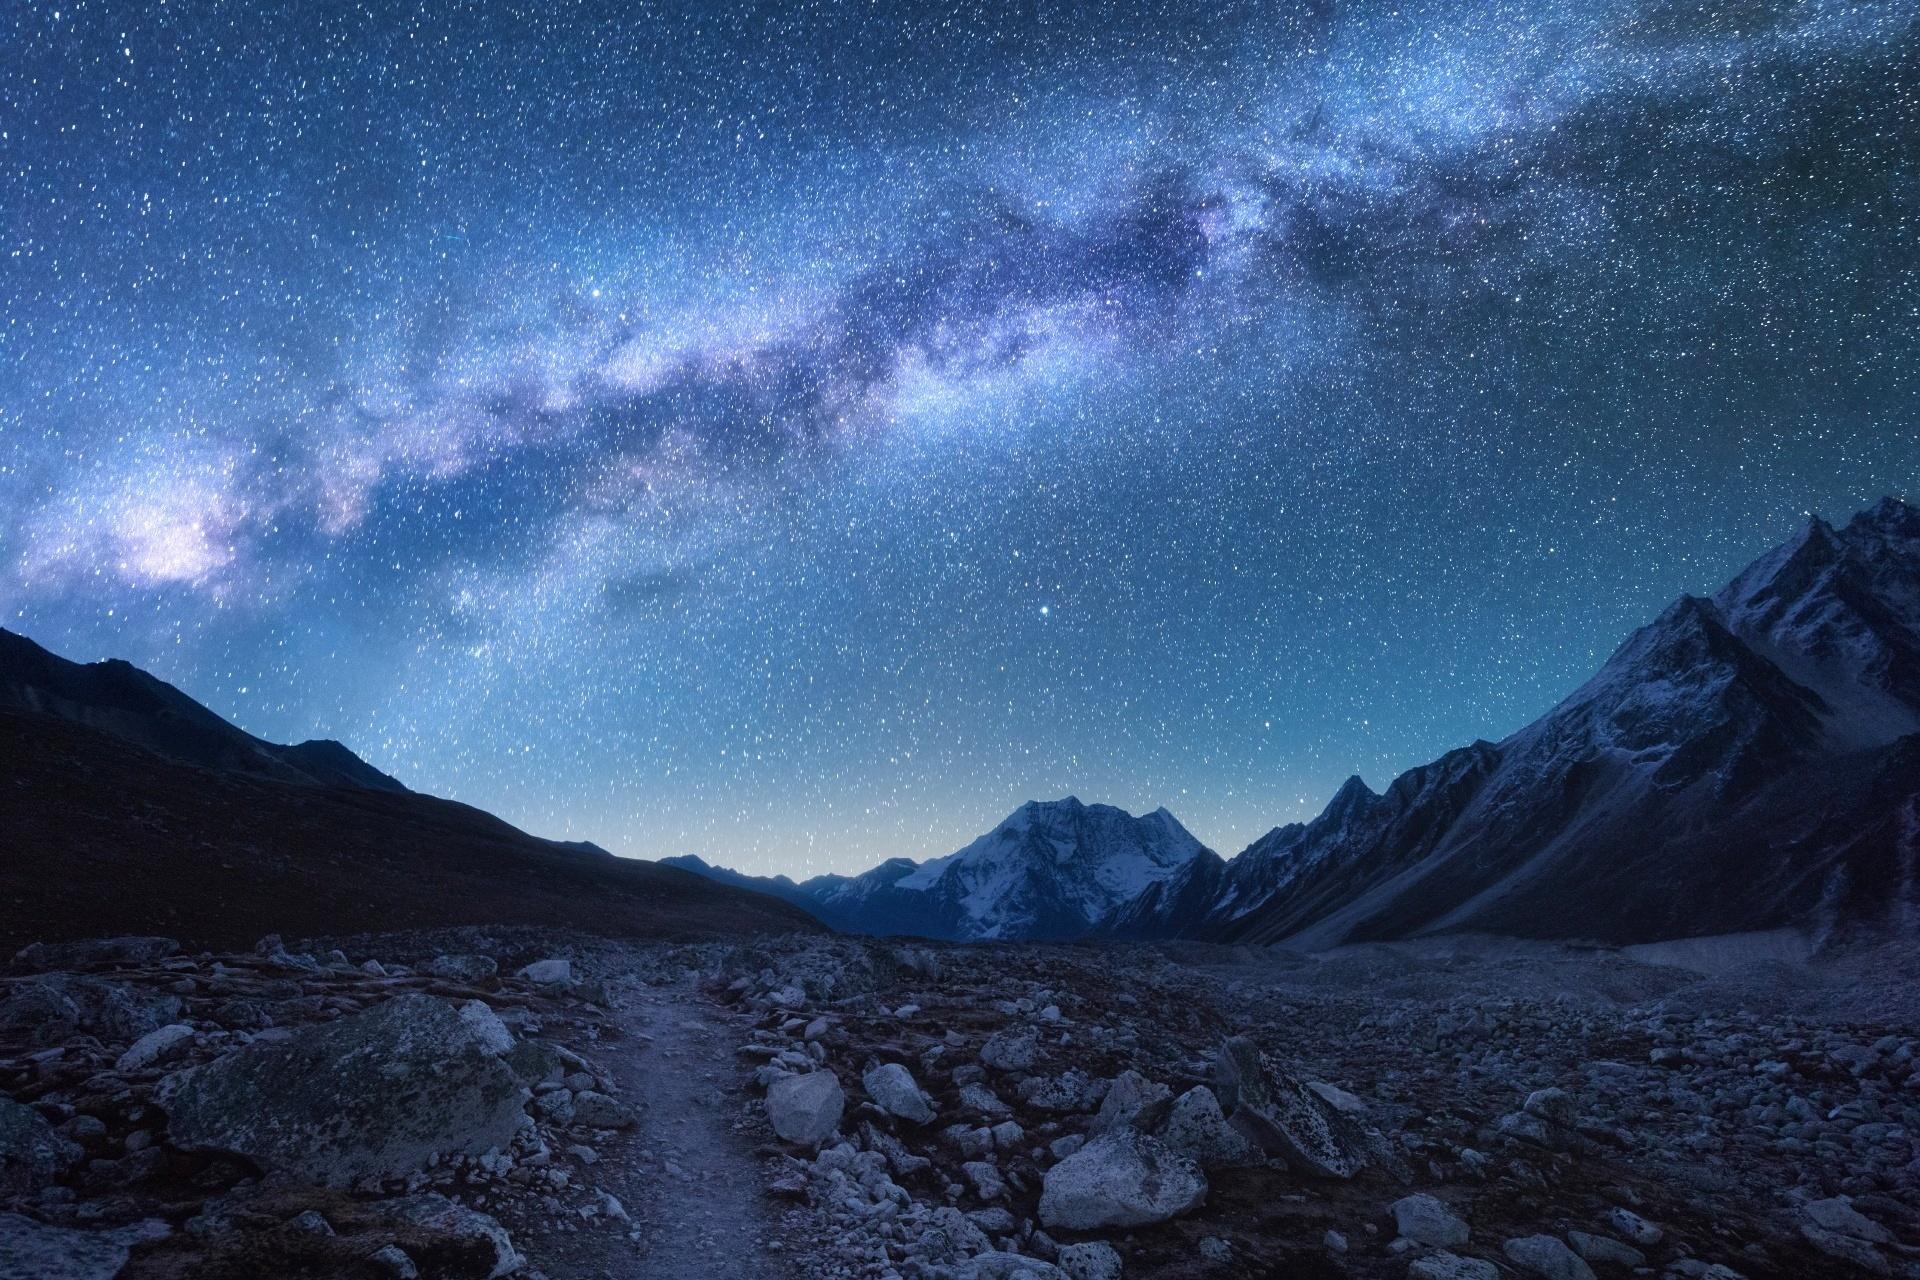 ネパールの山々と星空 幻想的な風景